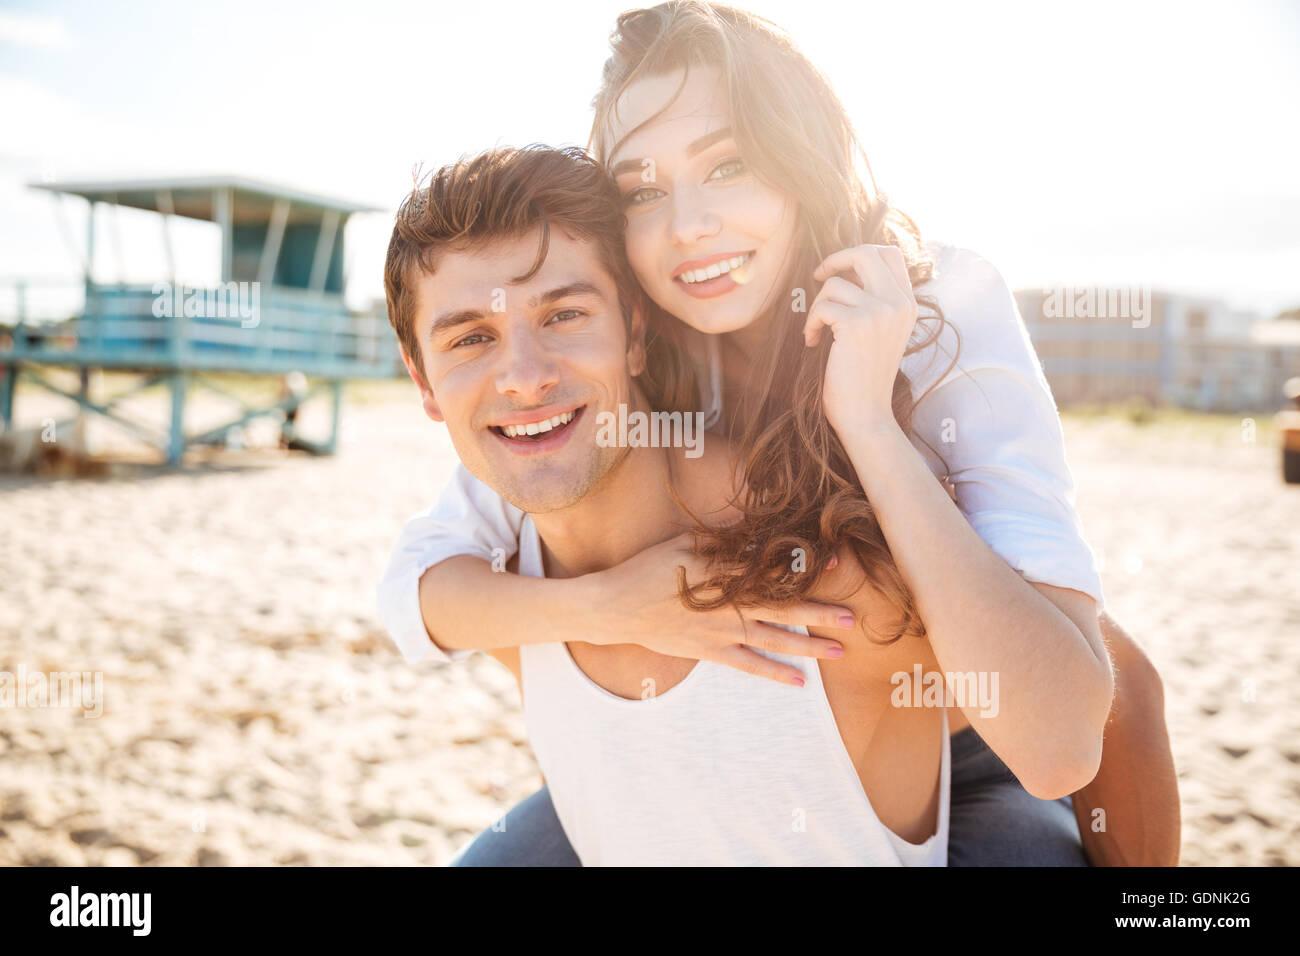 Felice coppia giovane avendo divertimento sulla spiaggia Immagini Stock